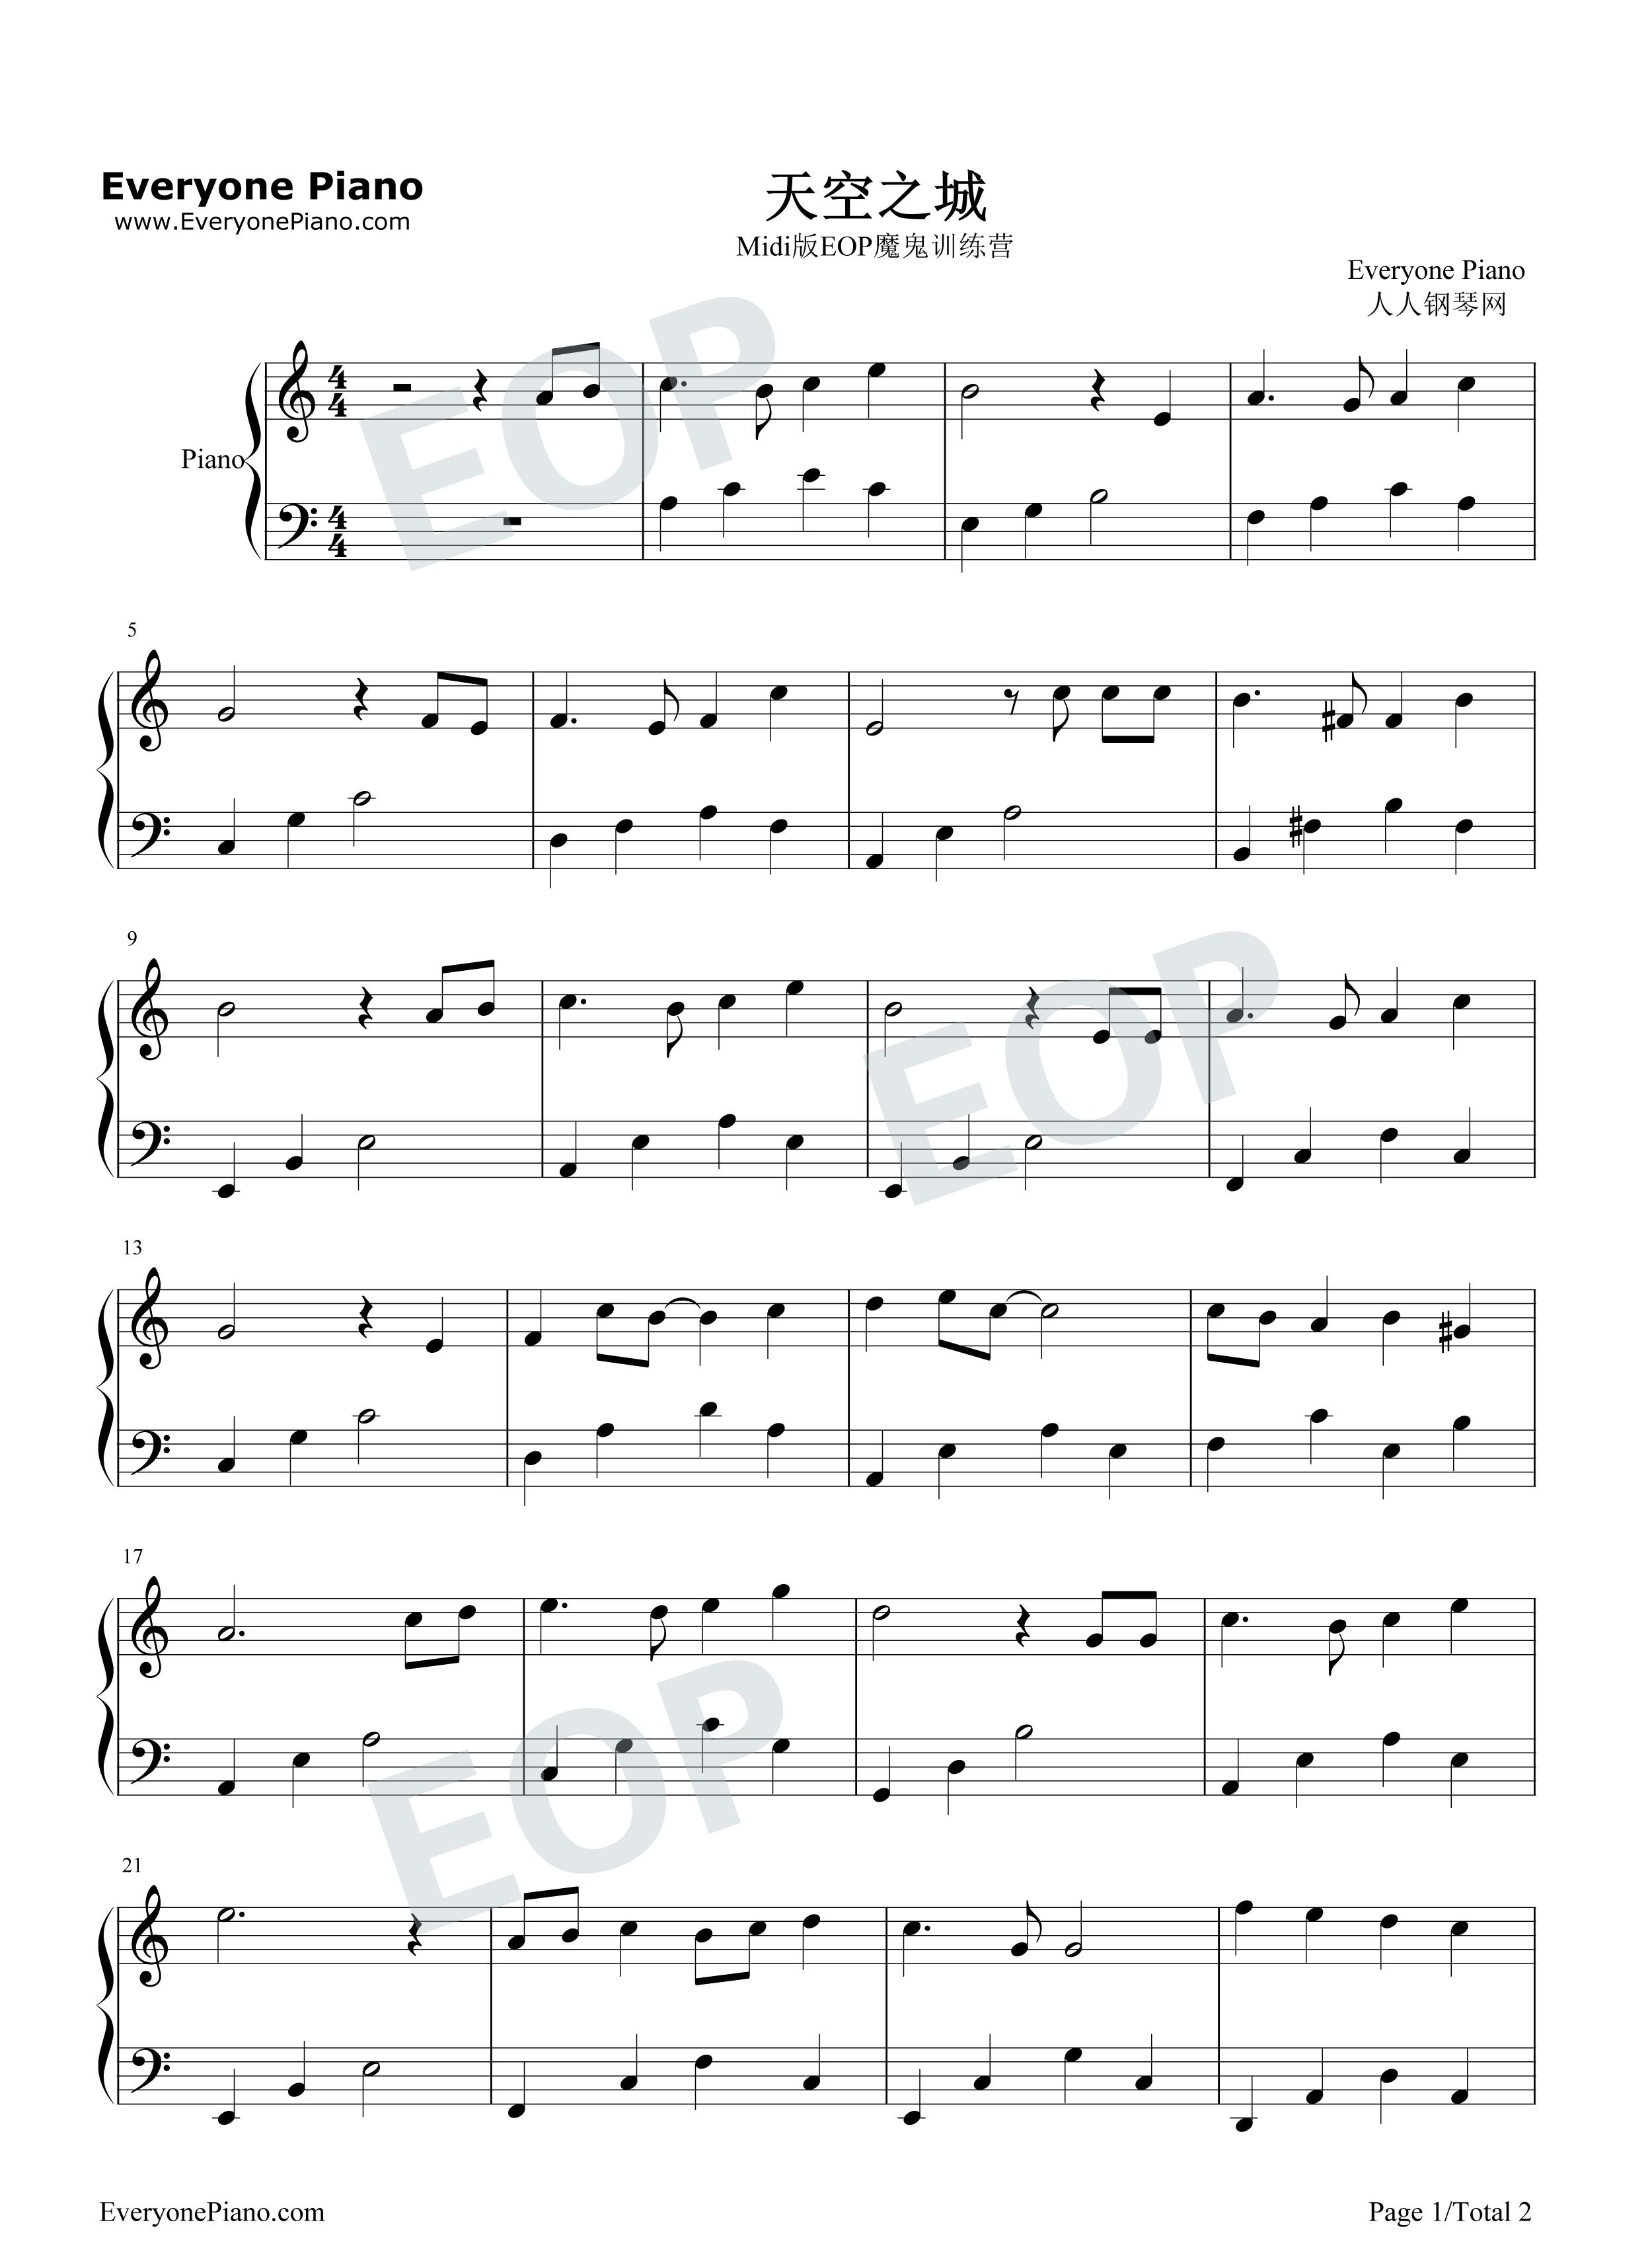 钢琴曲谱 动漫 天空之城-简单版 天空之城-简单版五线谱预览1  }